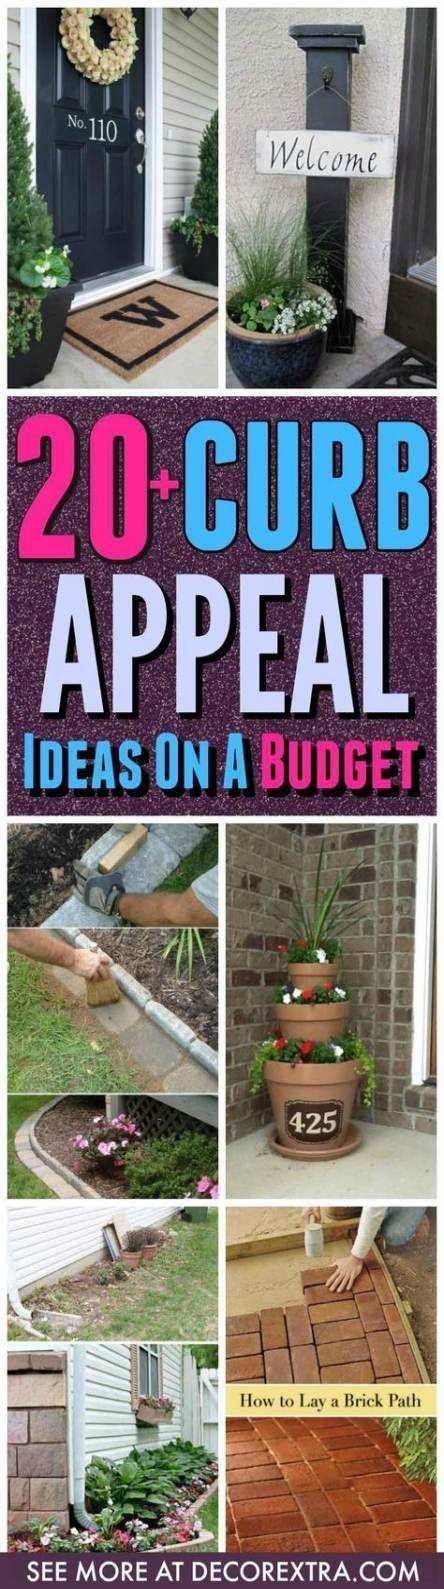 46+ Ideen Garten Ideen auf einem Budget Curb Appeal House #hinterhof gestaltung,